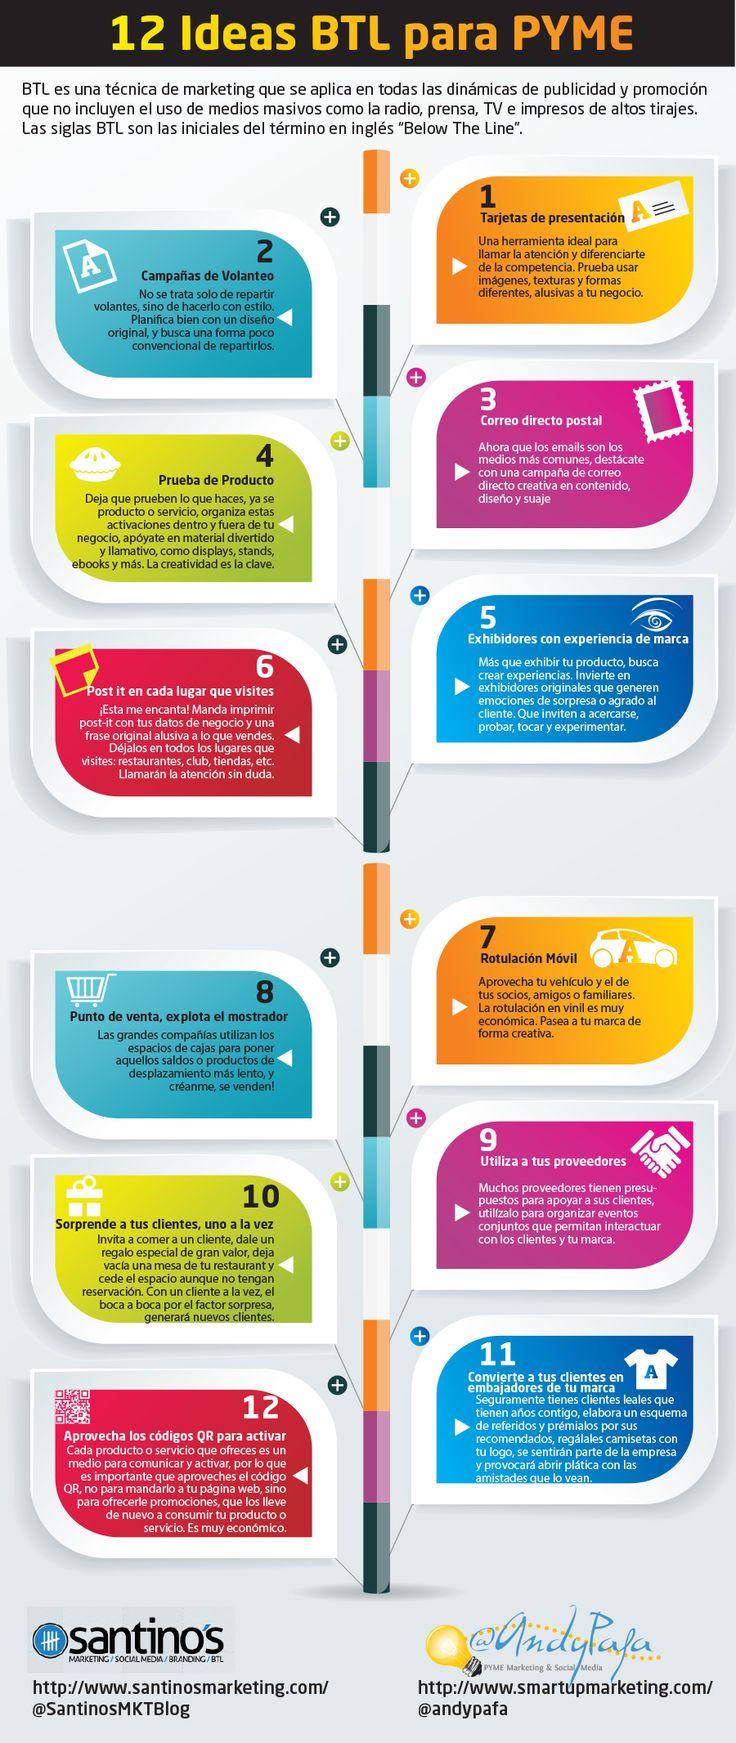 12 buenas ideas #BTL para #PyMes en forma de infografía | #SocialMedia | vía, @andypafa @SantinosMKTblog